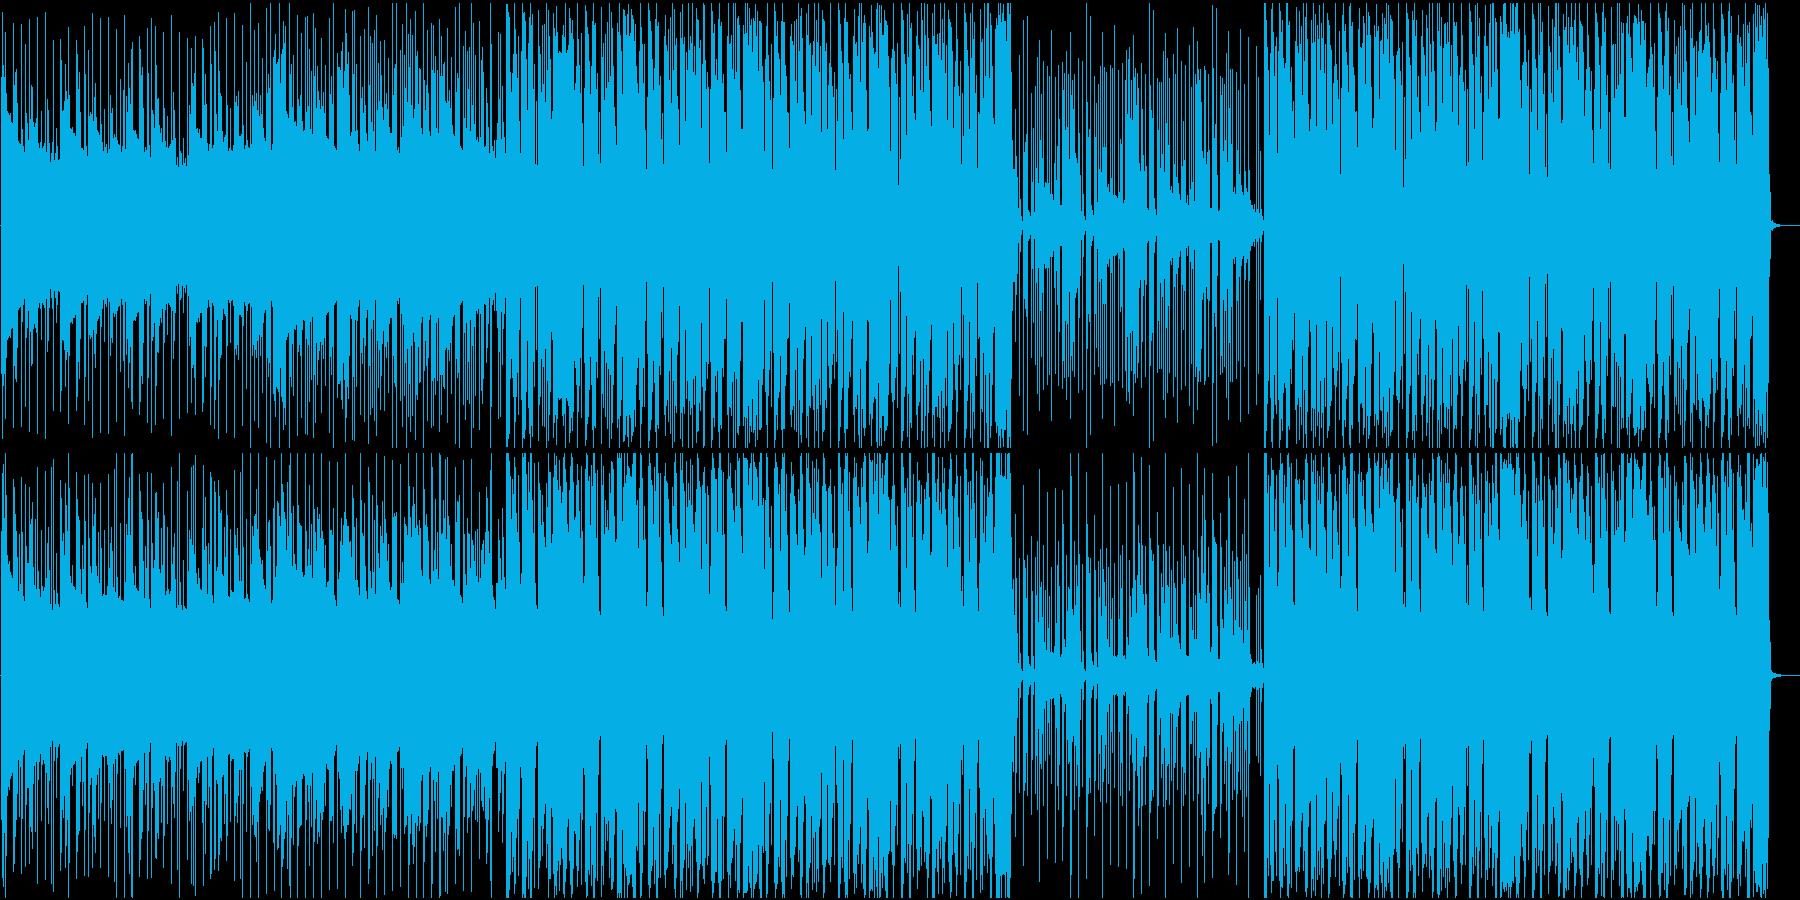 ビート感が強いピアノハウスの再生済みの波形